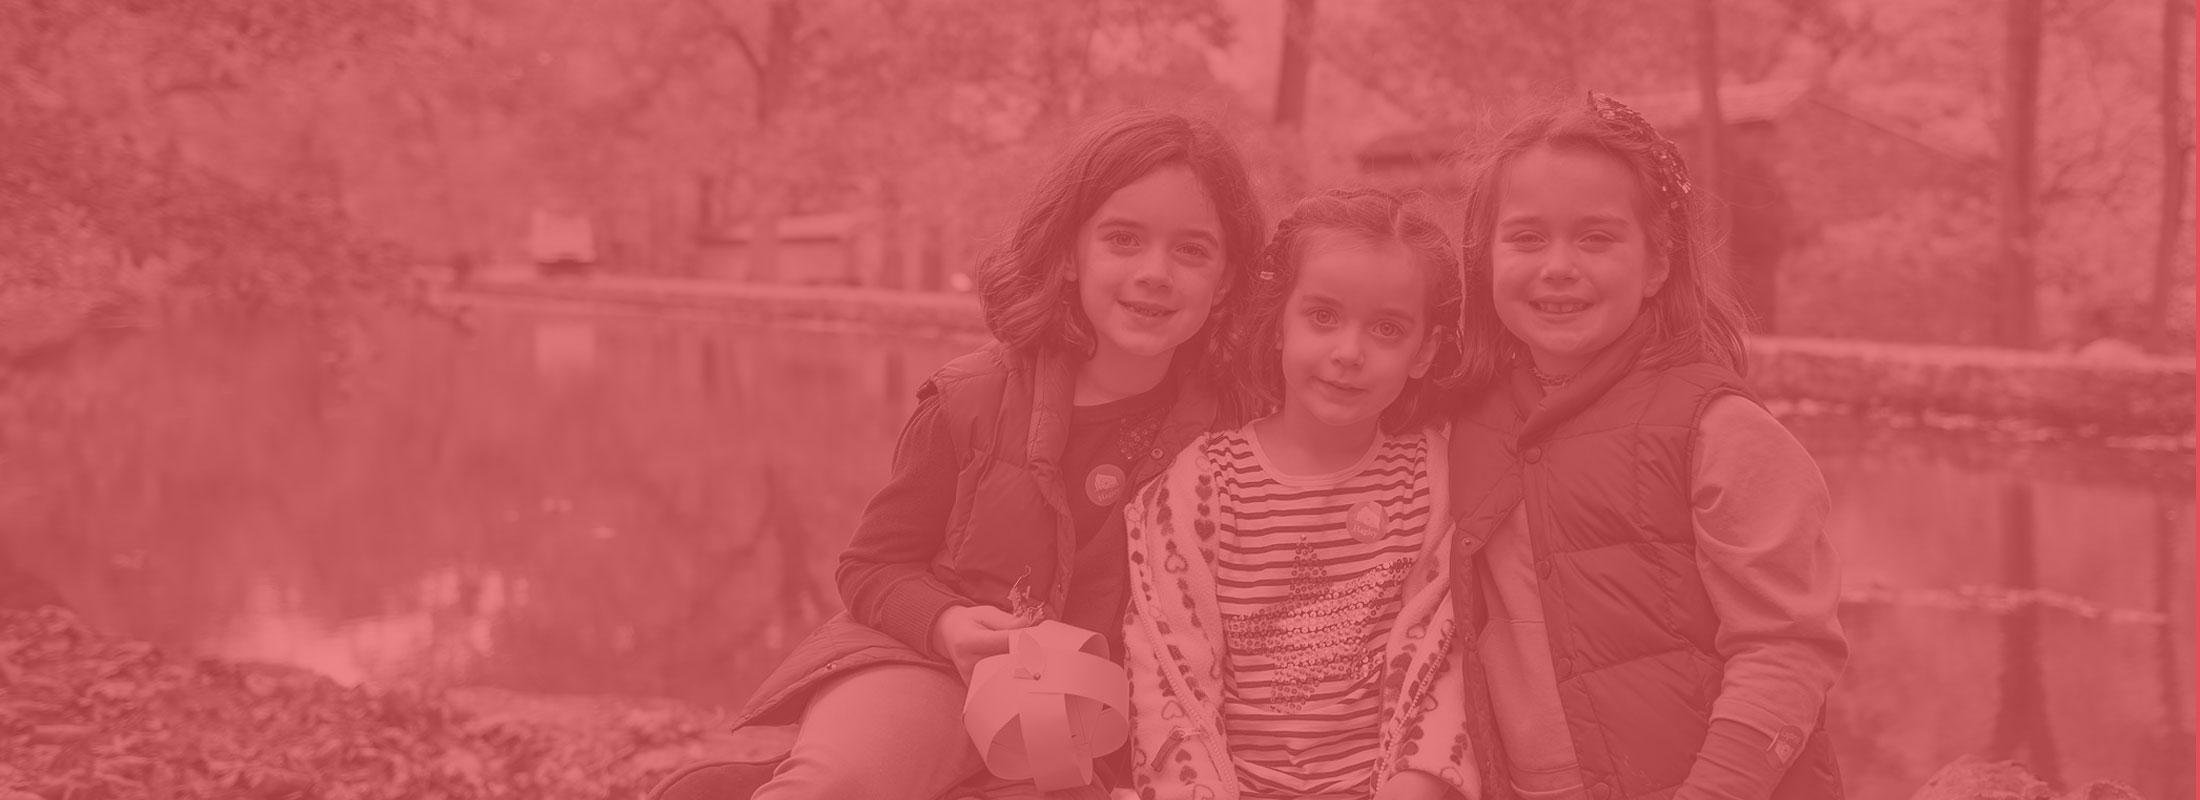 Membership of children at Hagley